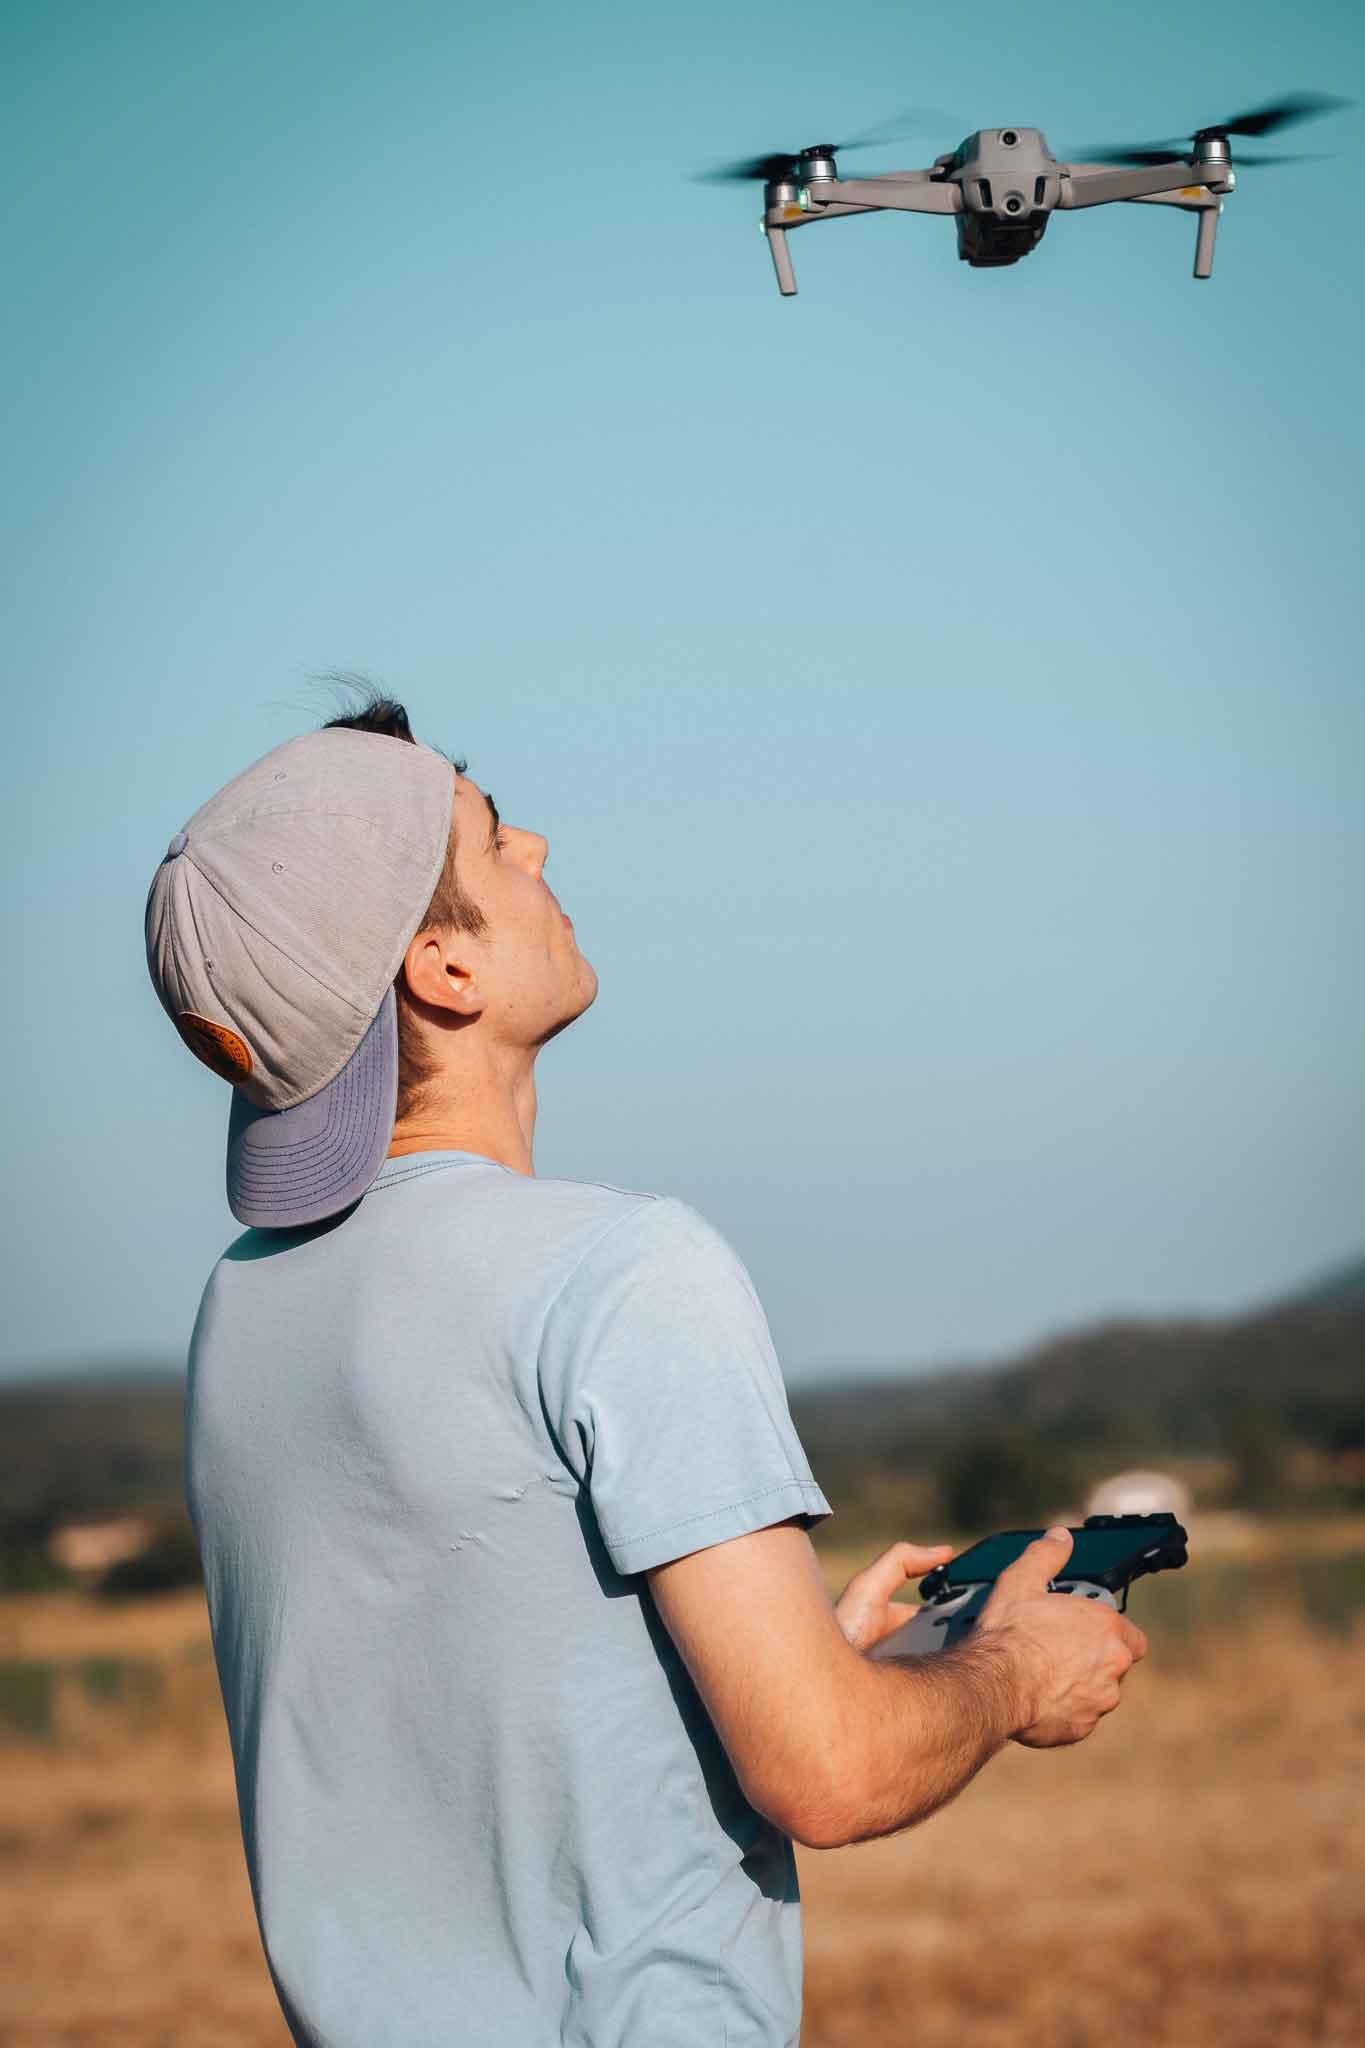 Simon Morice media en train de faire voler son drone